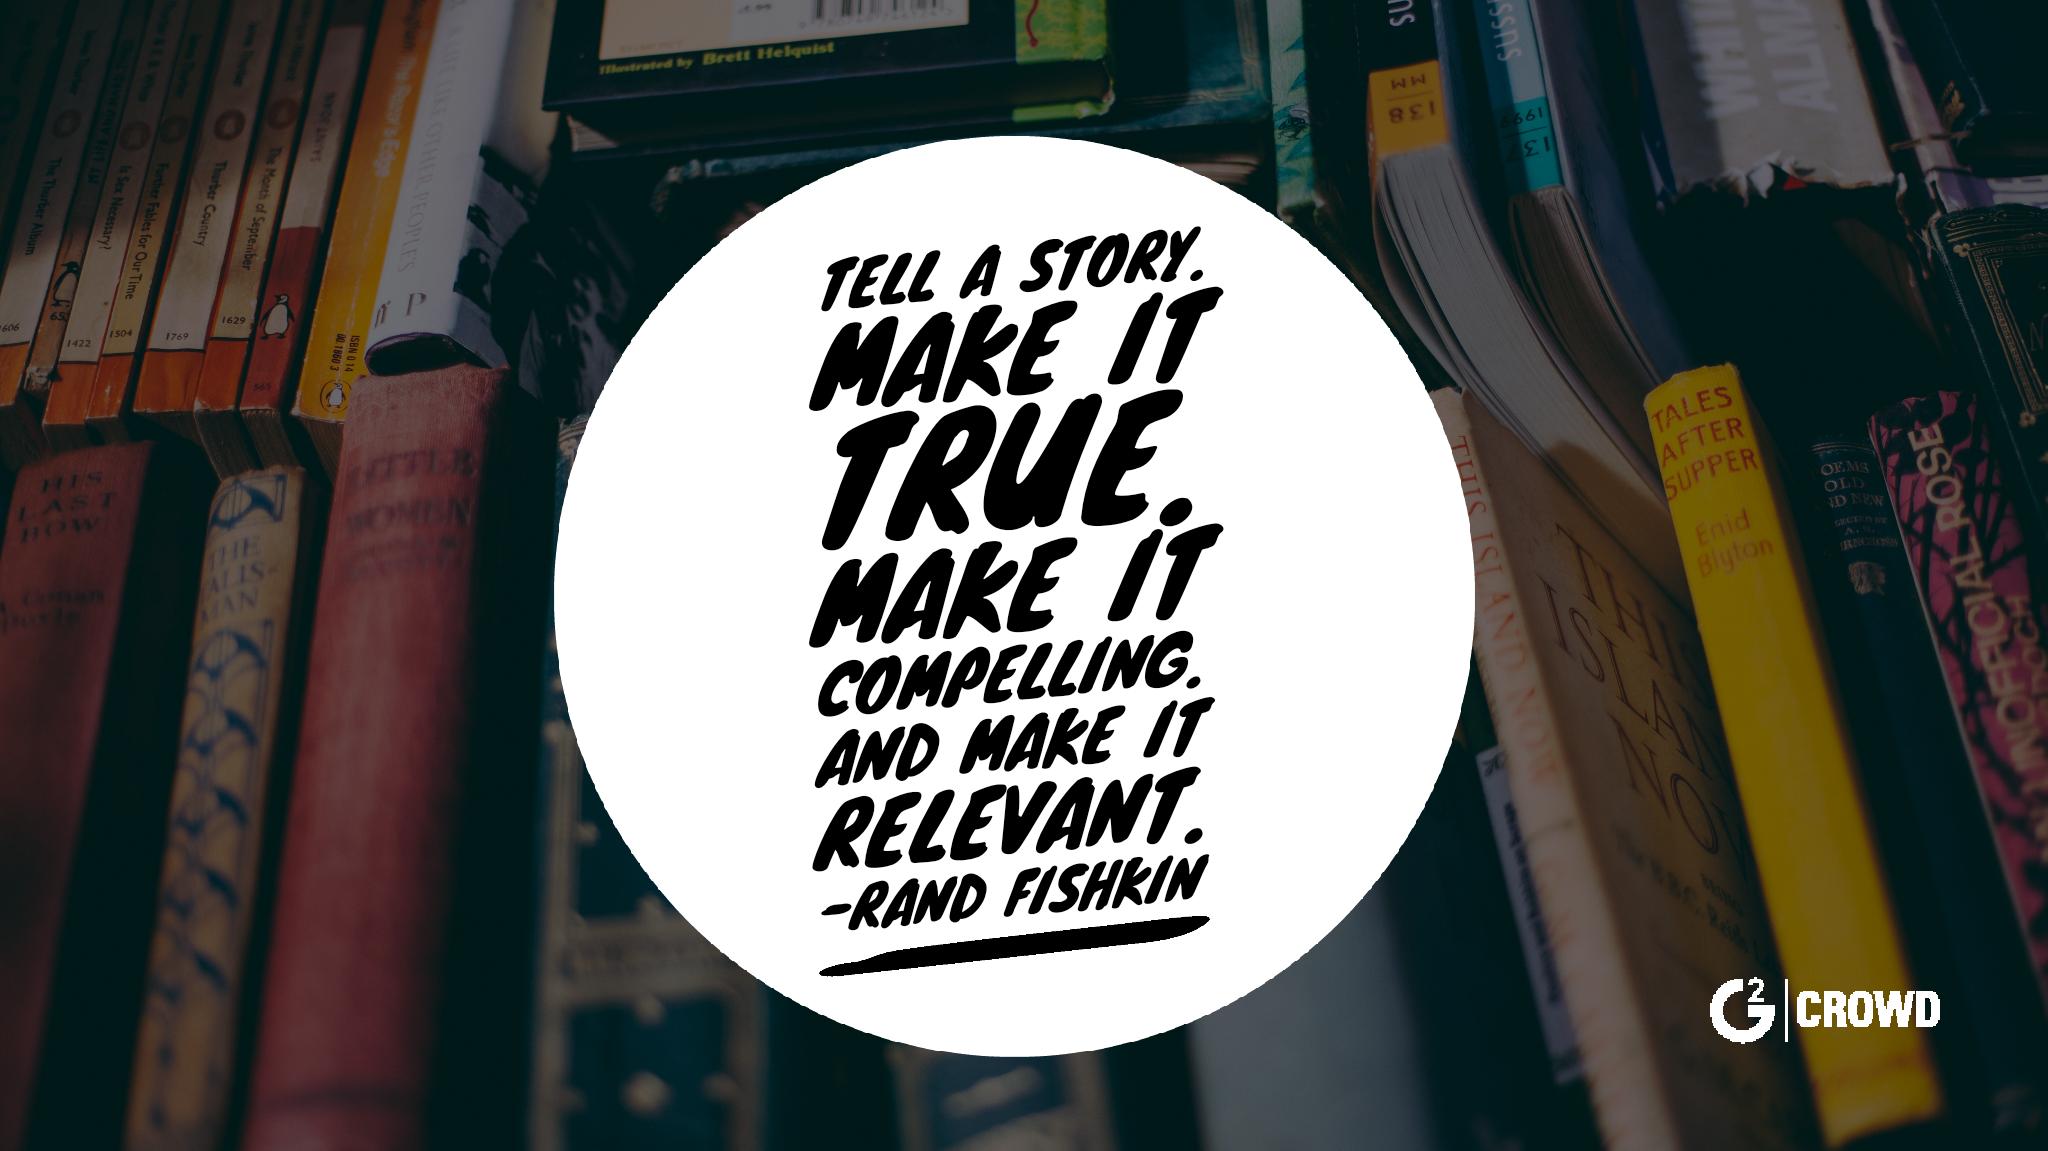 rand-fishkin-storytelling-quote